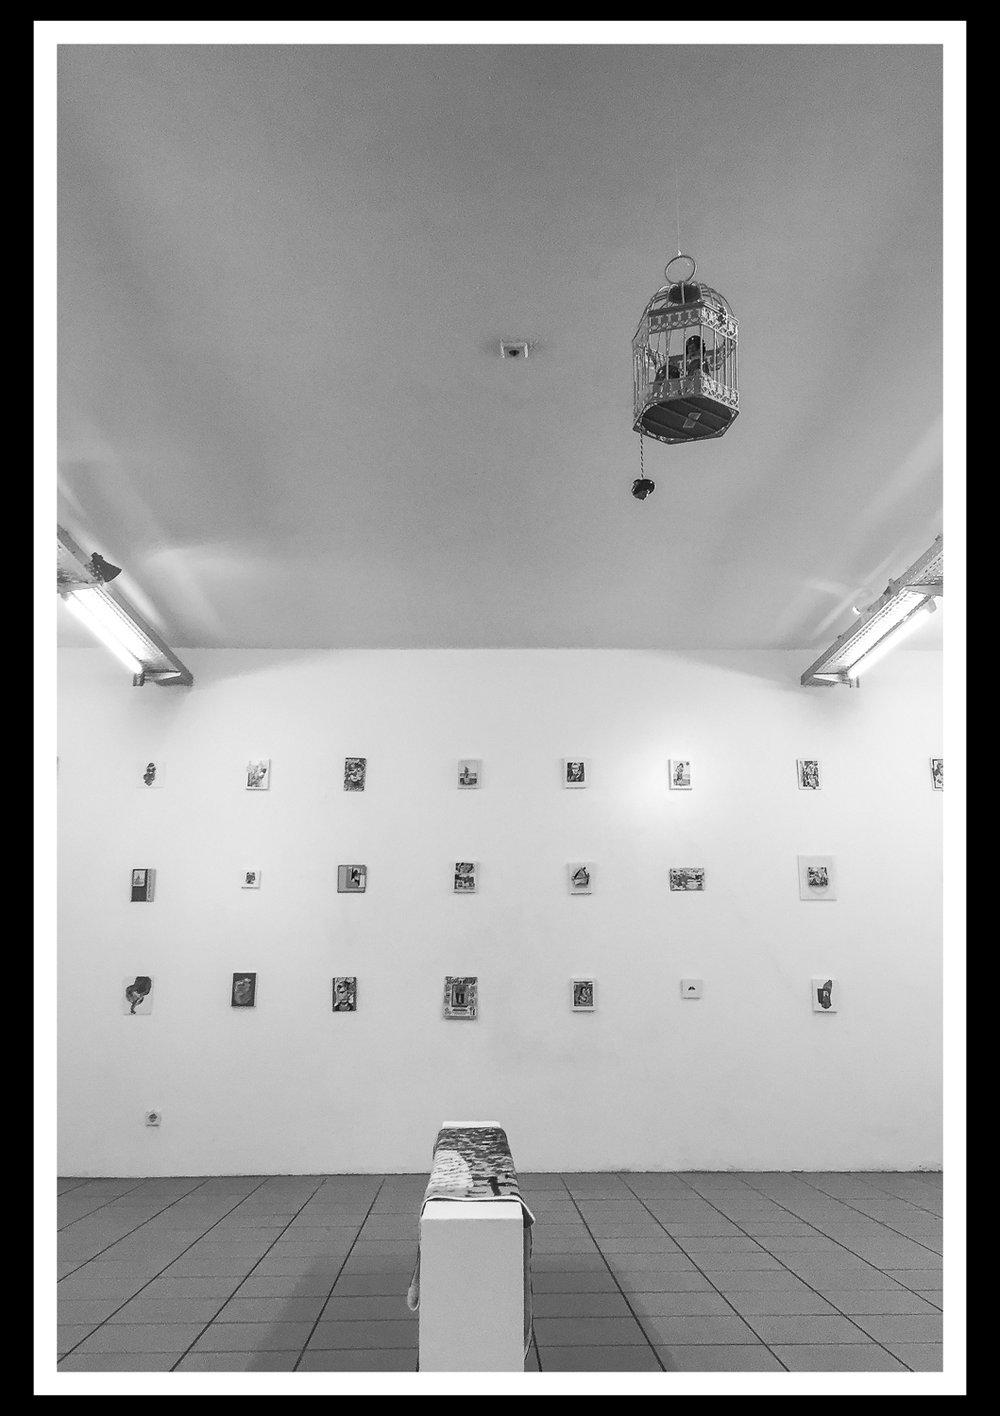 Kunstkomplex-ExhibitionPhotos-HEYDT-5.jpg